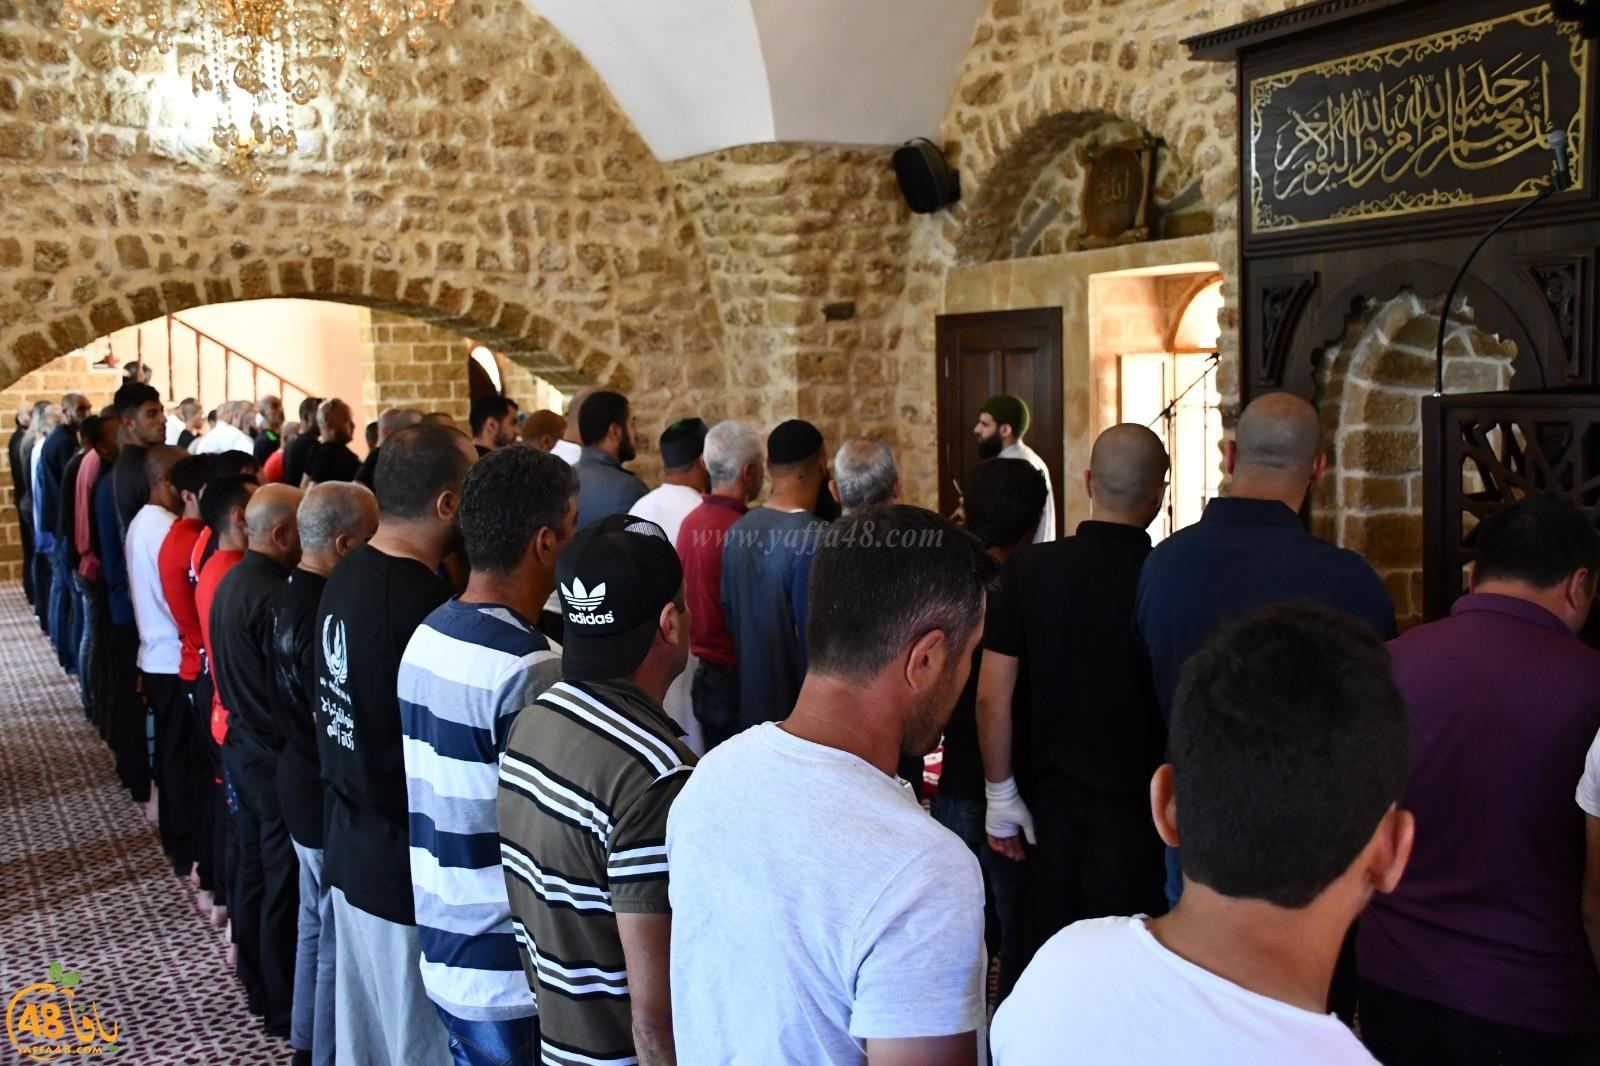 بالفيديو: الهجمة المتجددة على الأذان في اللد - خطبة الجمعة من مسجد البحر بيافا